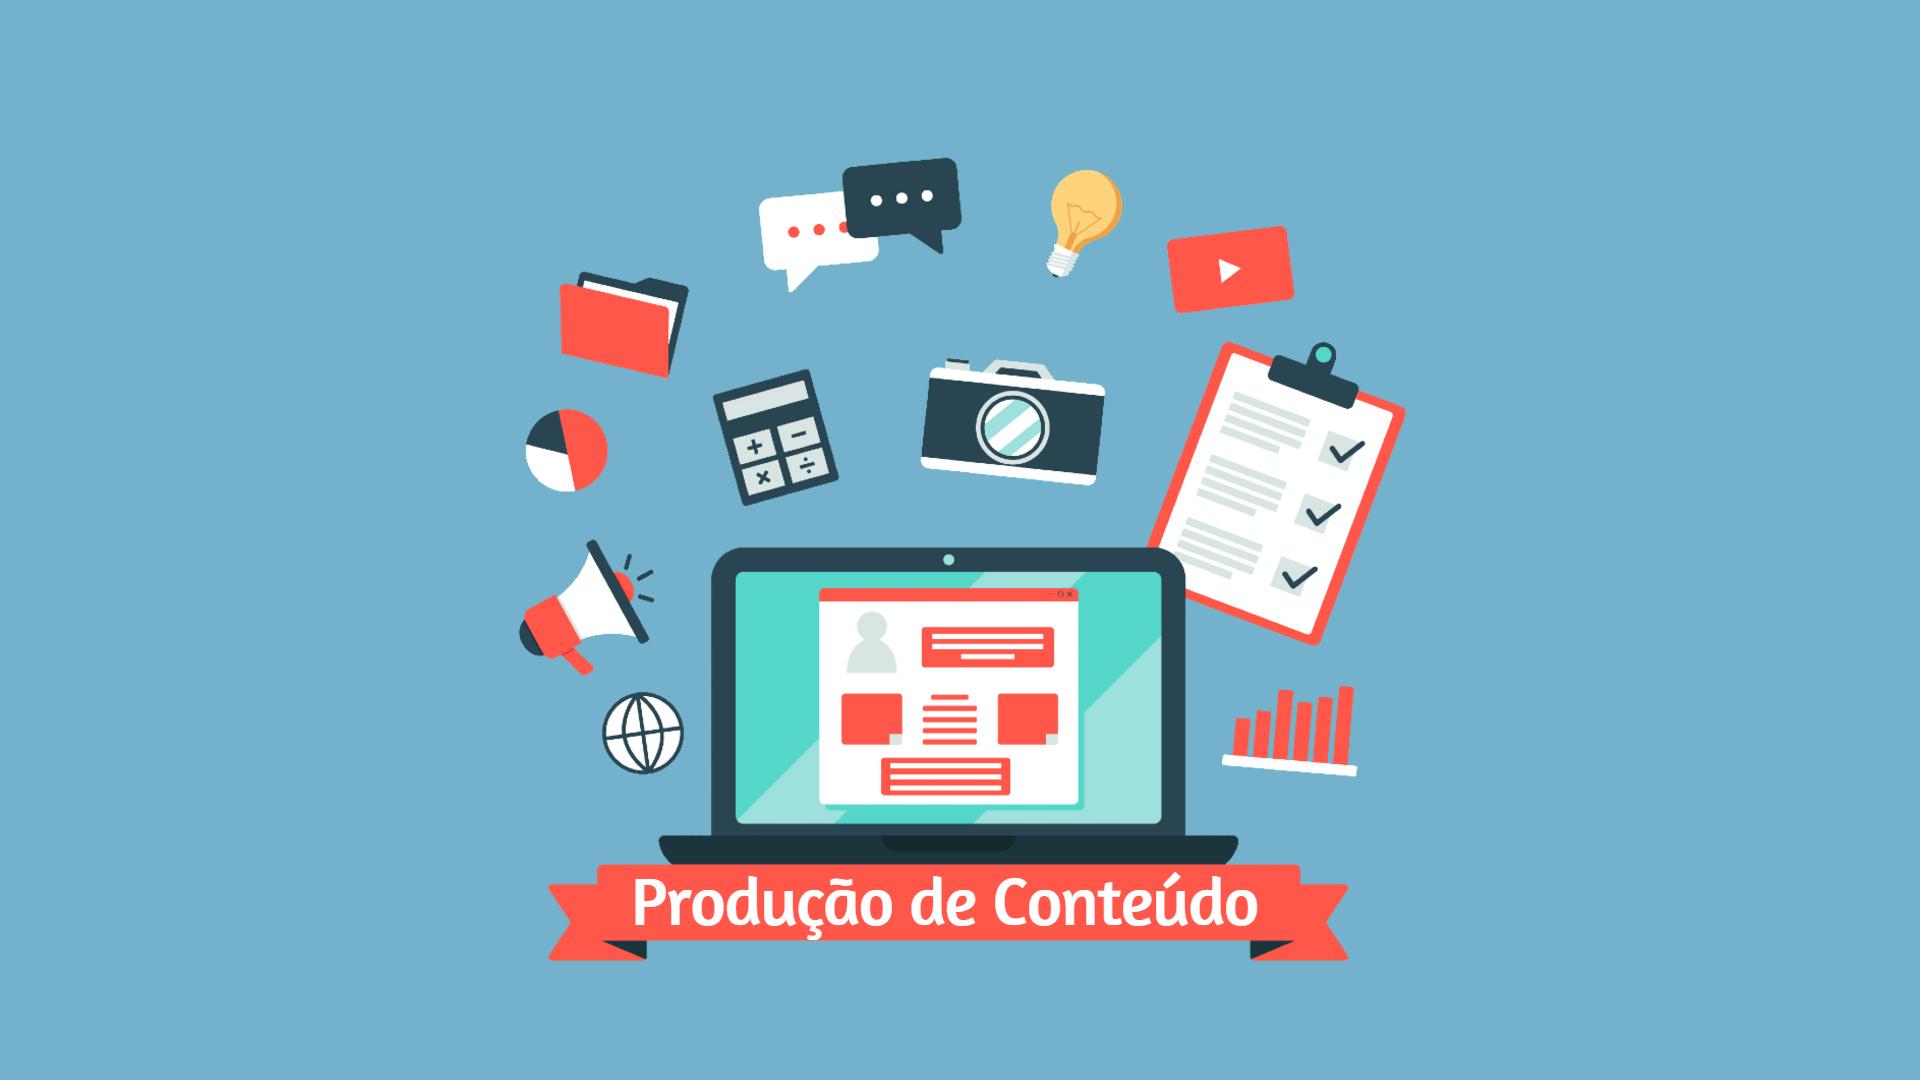 produção de conteúdp - Produção de Conteúdo: 7 Dicas Para Criação de Conteúdo de Qualidade